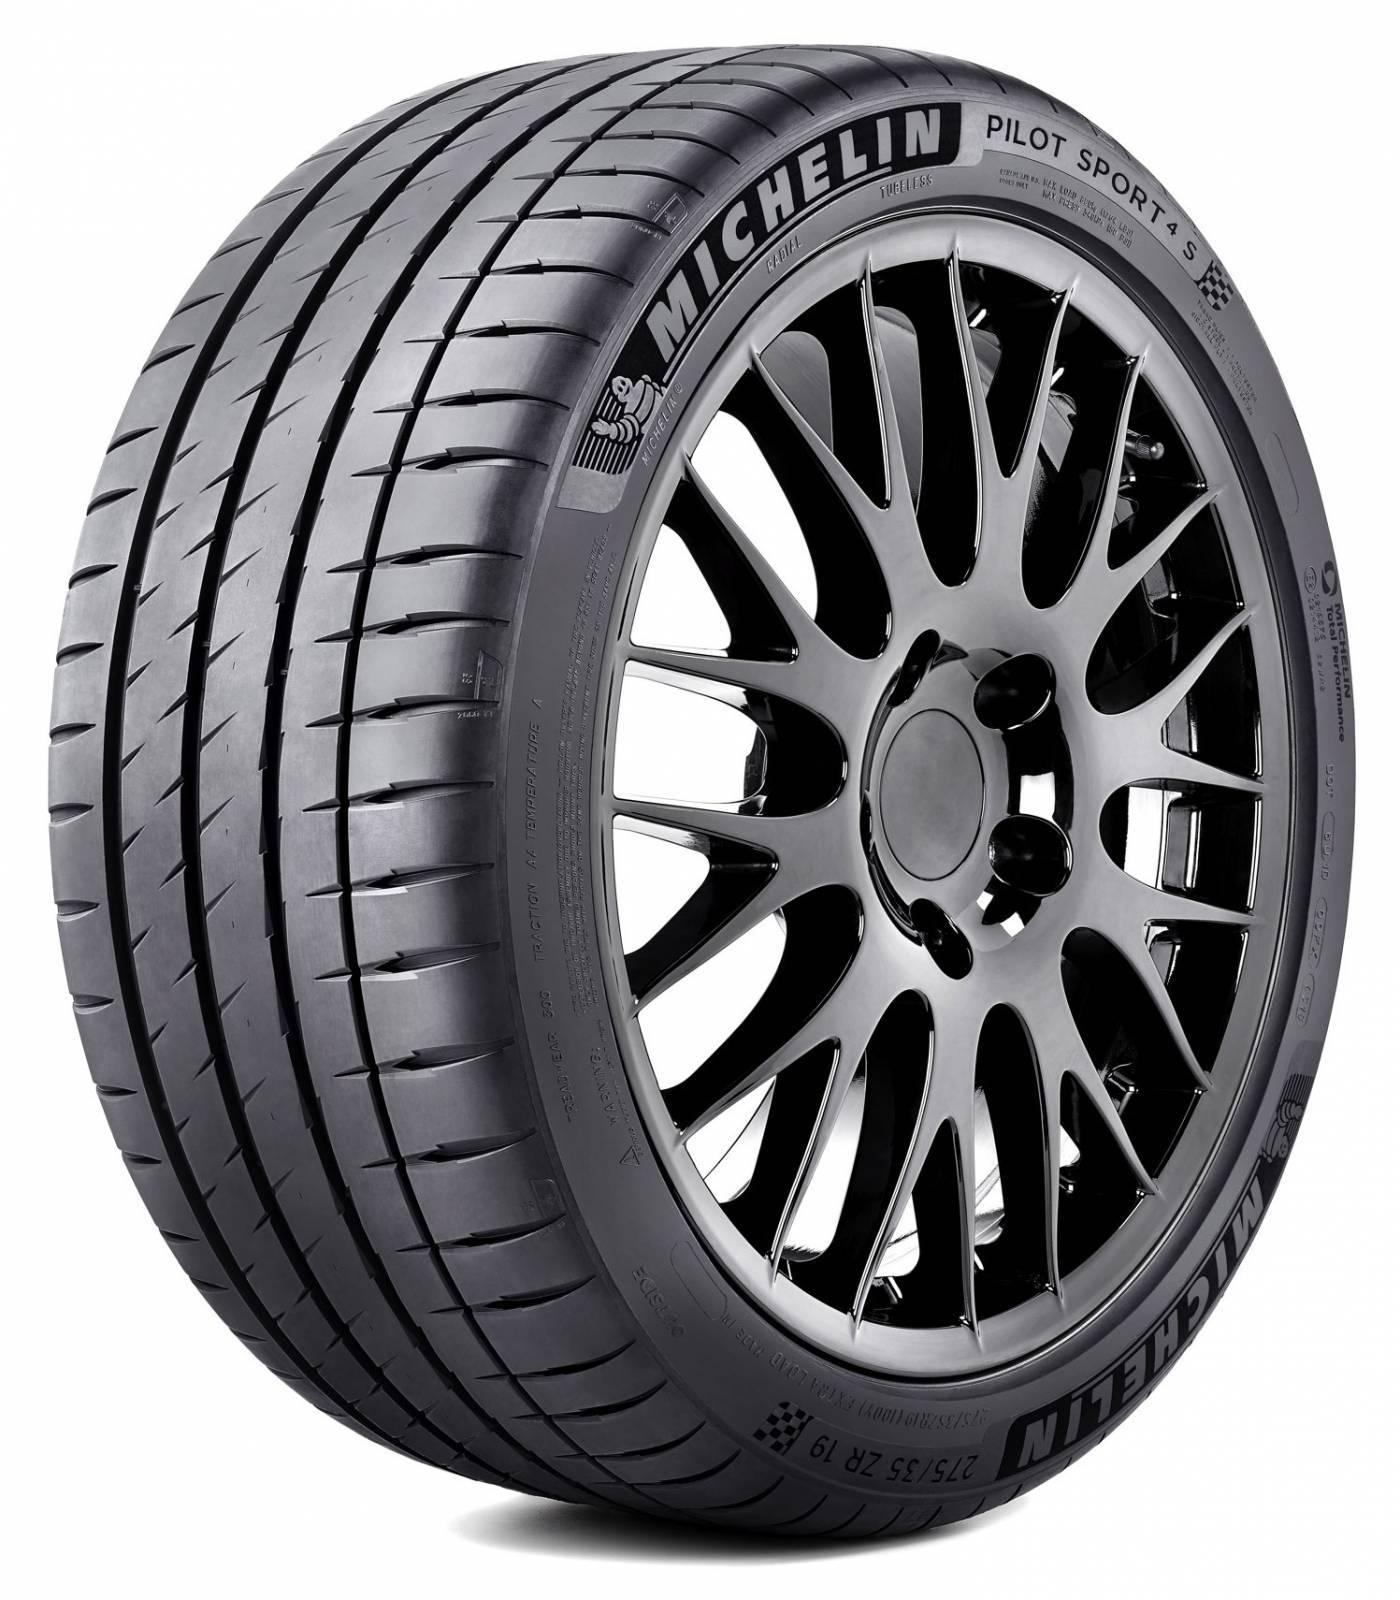 Pneu Michelin Pilot Sport 4 S 255/30 R19 91Y - ATS Pneus